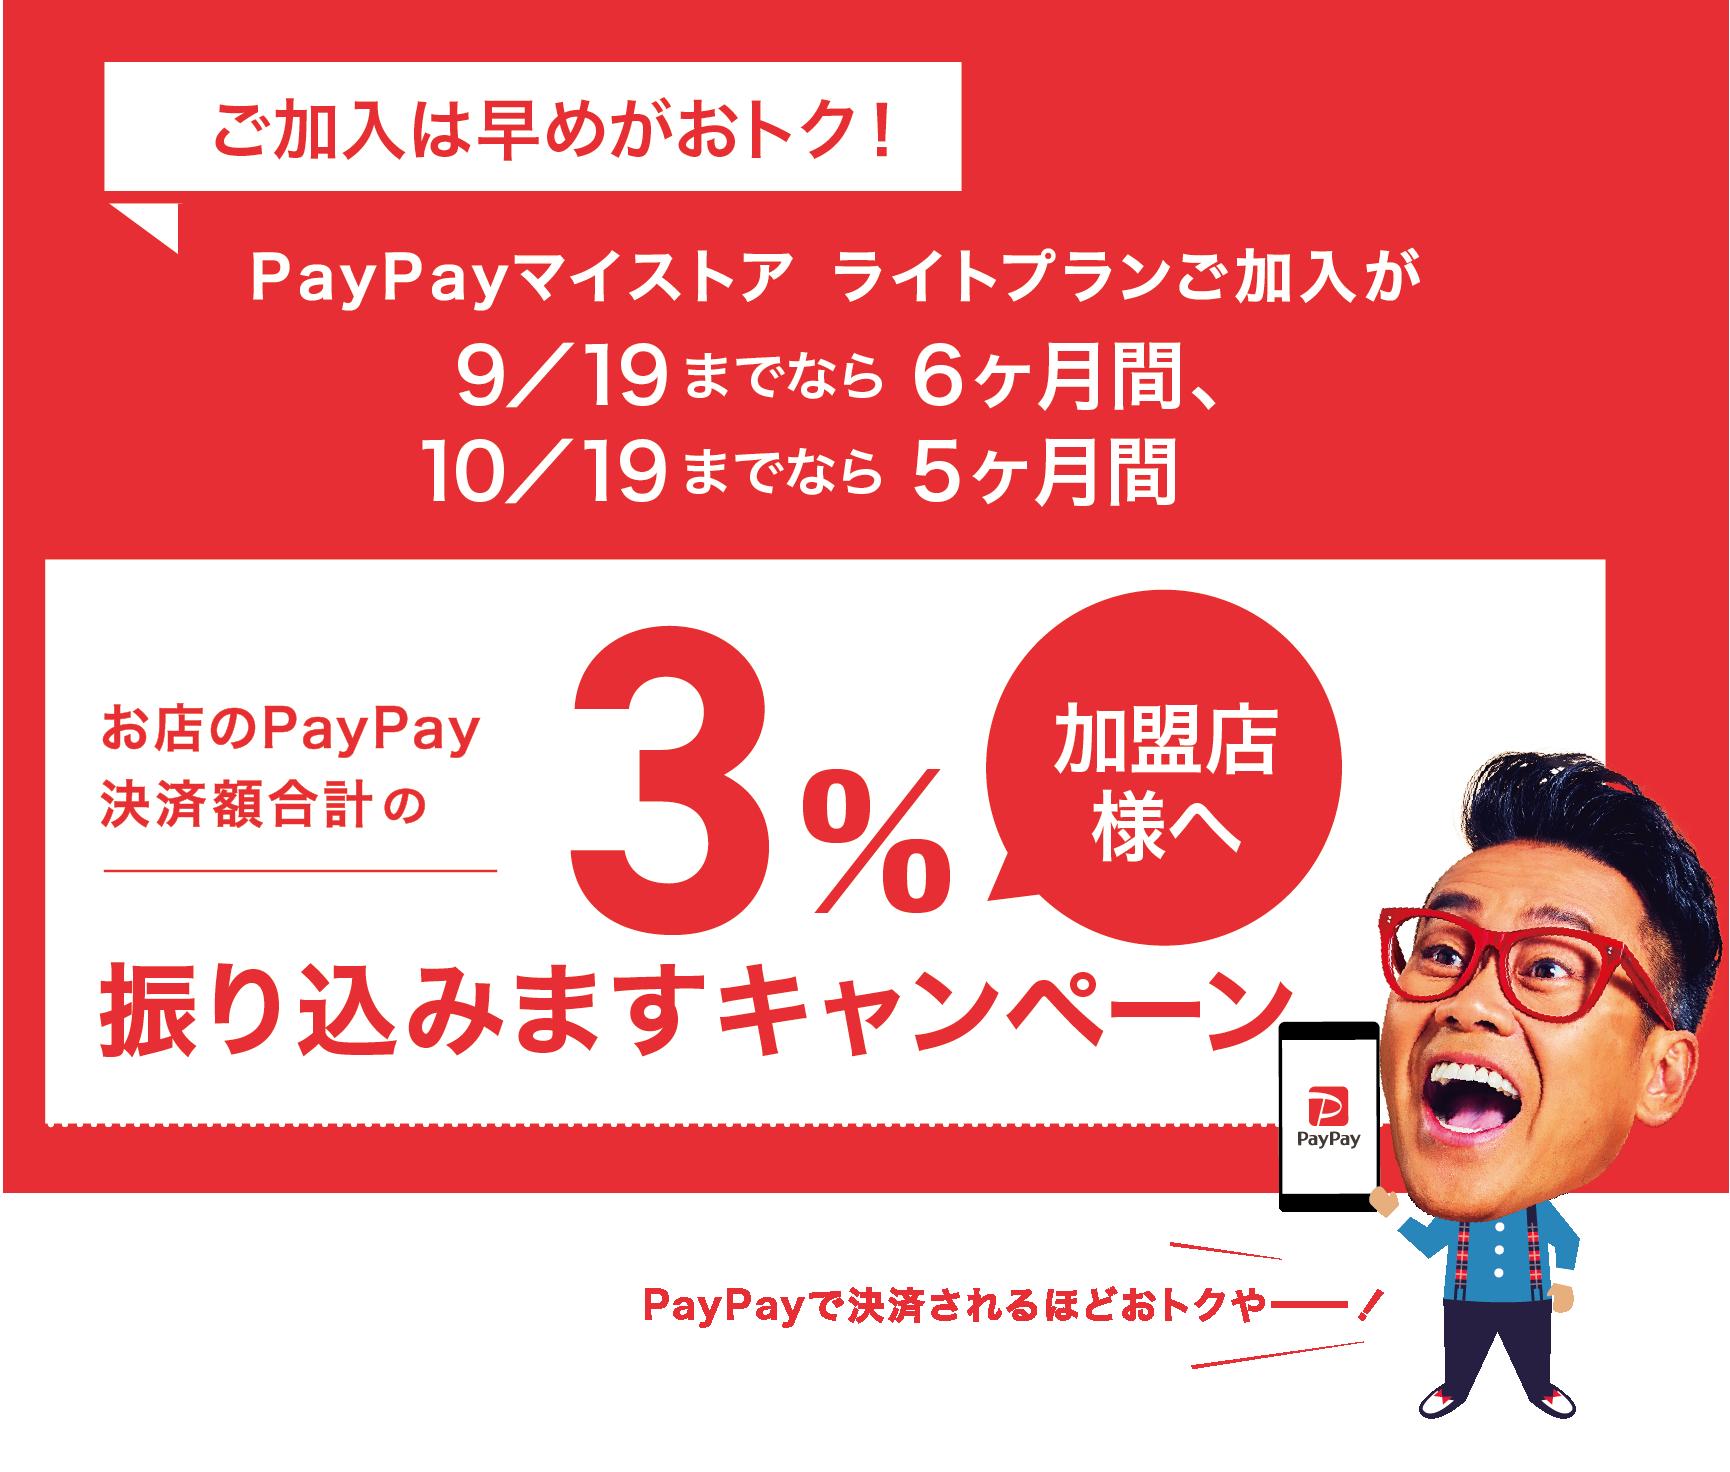 お店のPayPay決済額合計の3%を加盟店様へ振り込みますキャンペーン